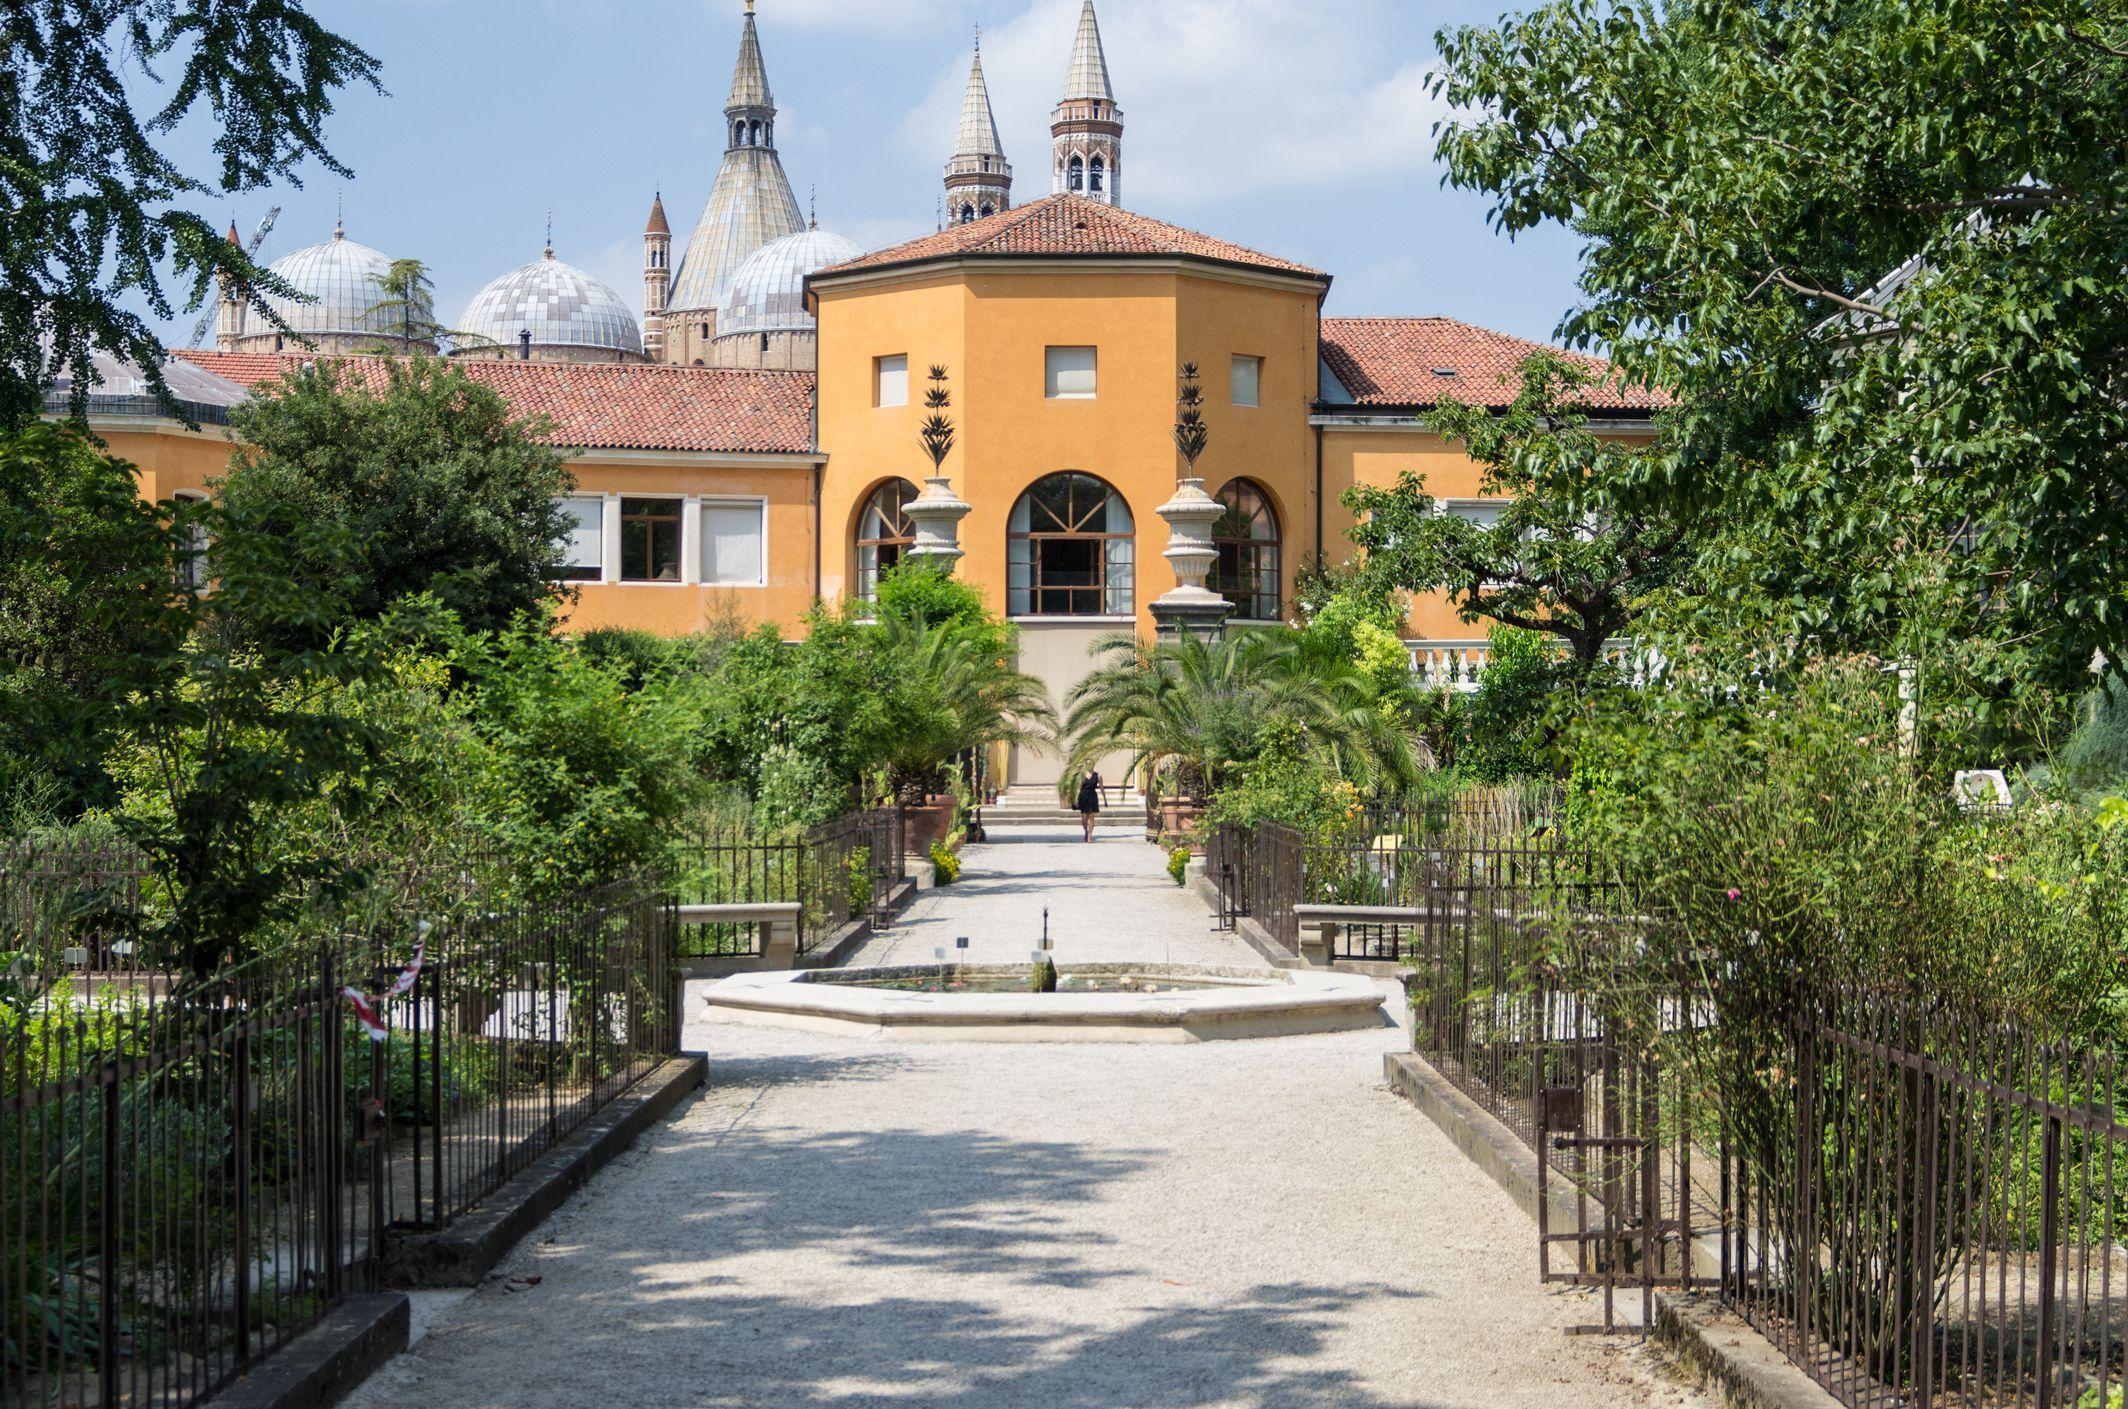 Favorite Gardens To Visit In Europe